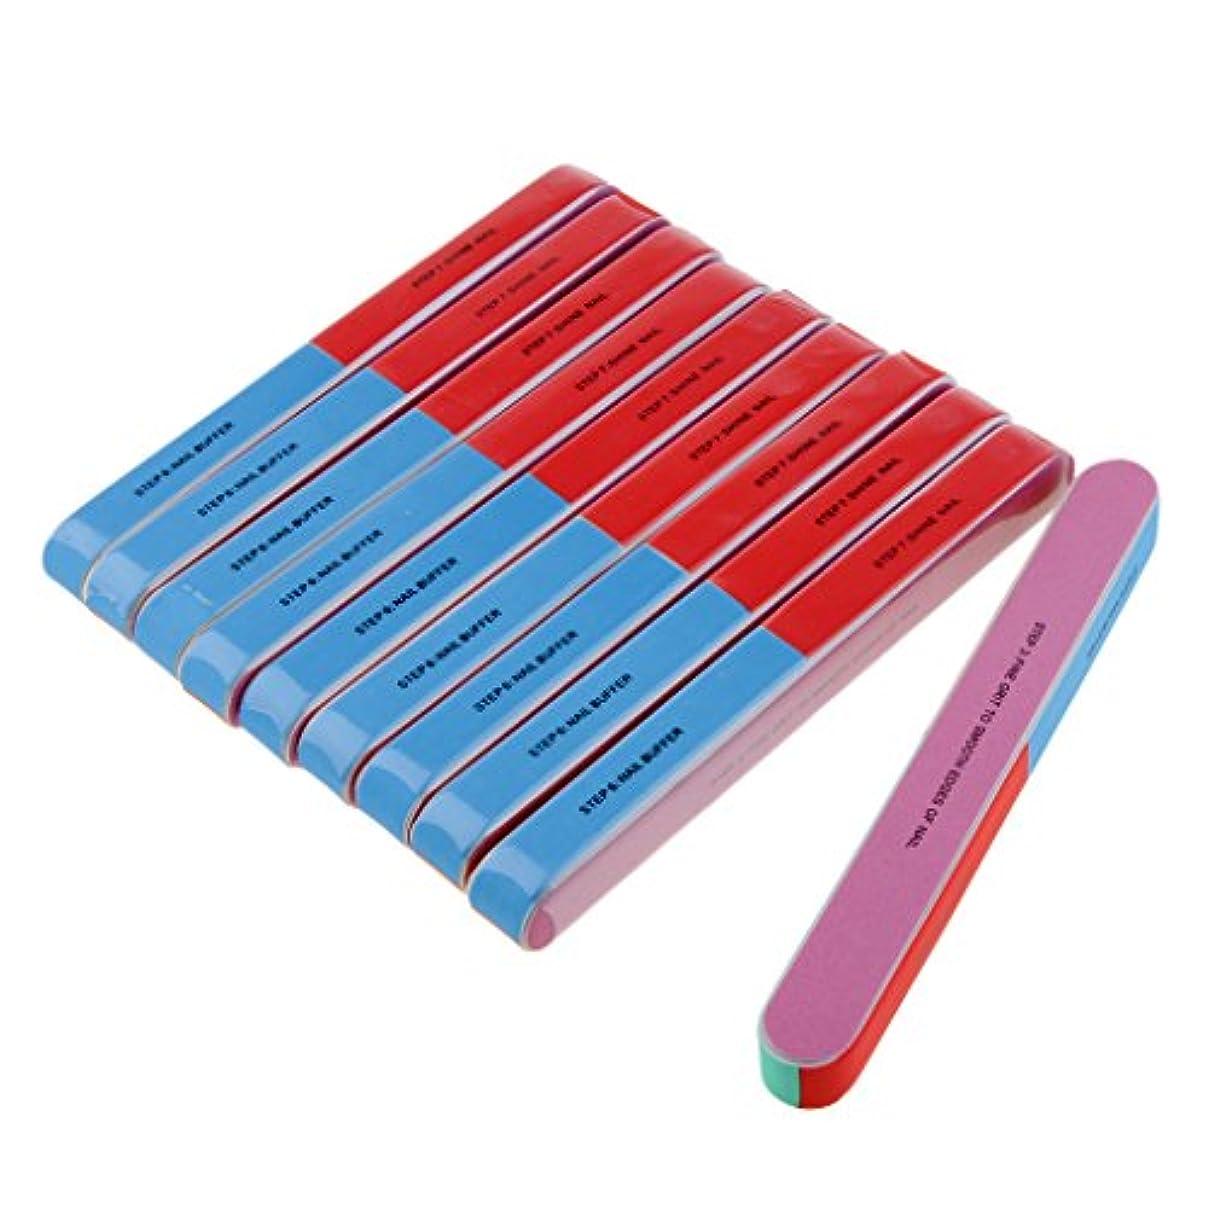 分散揃える保証するネイルファイル ネイルケア 爪やすり スポンジ ネイルサロン 自宅用 プロ 爪磨き 10本